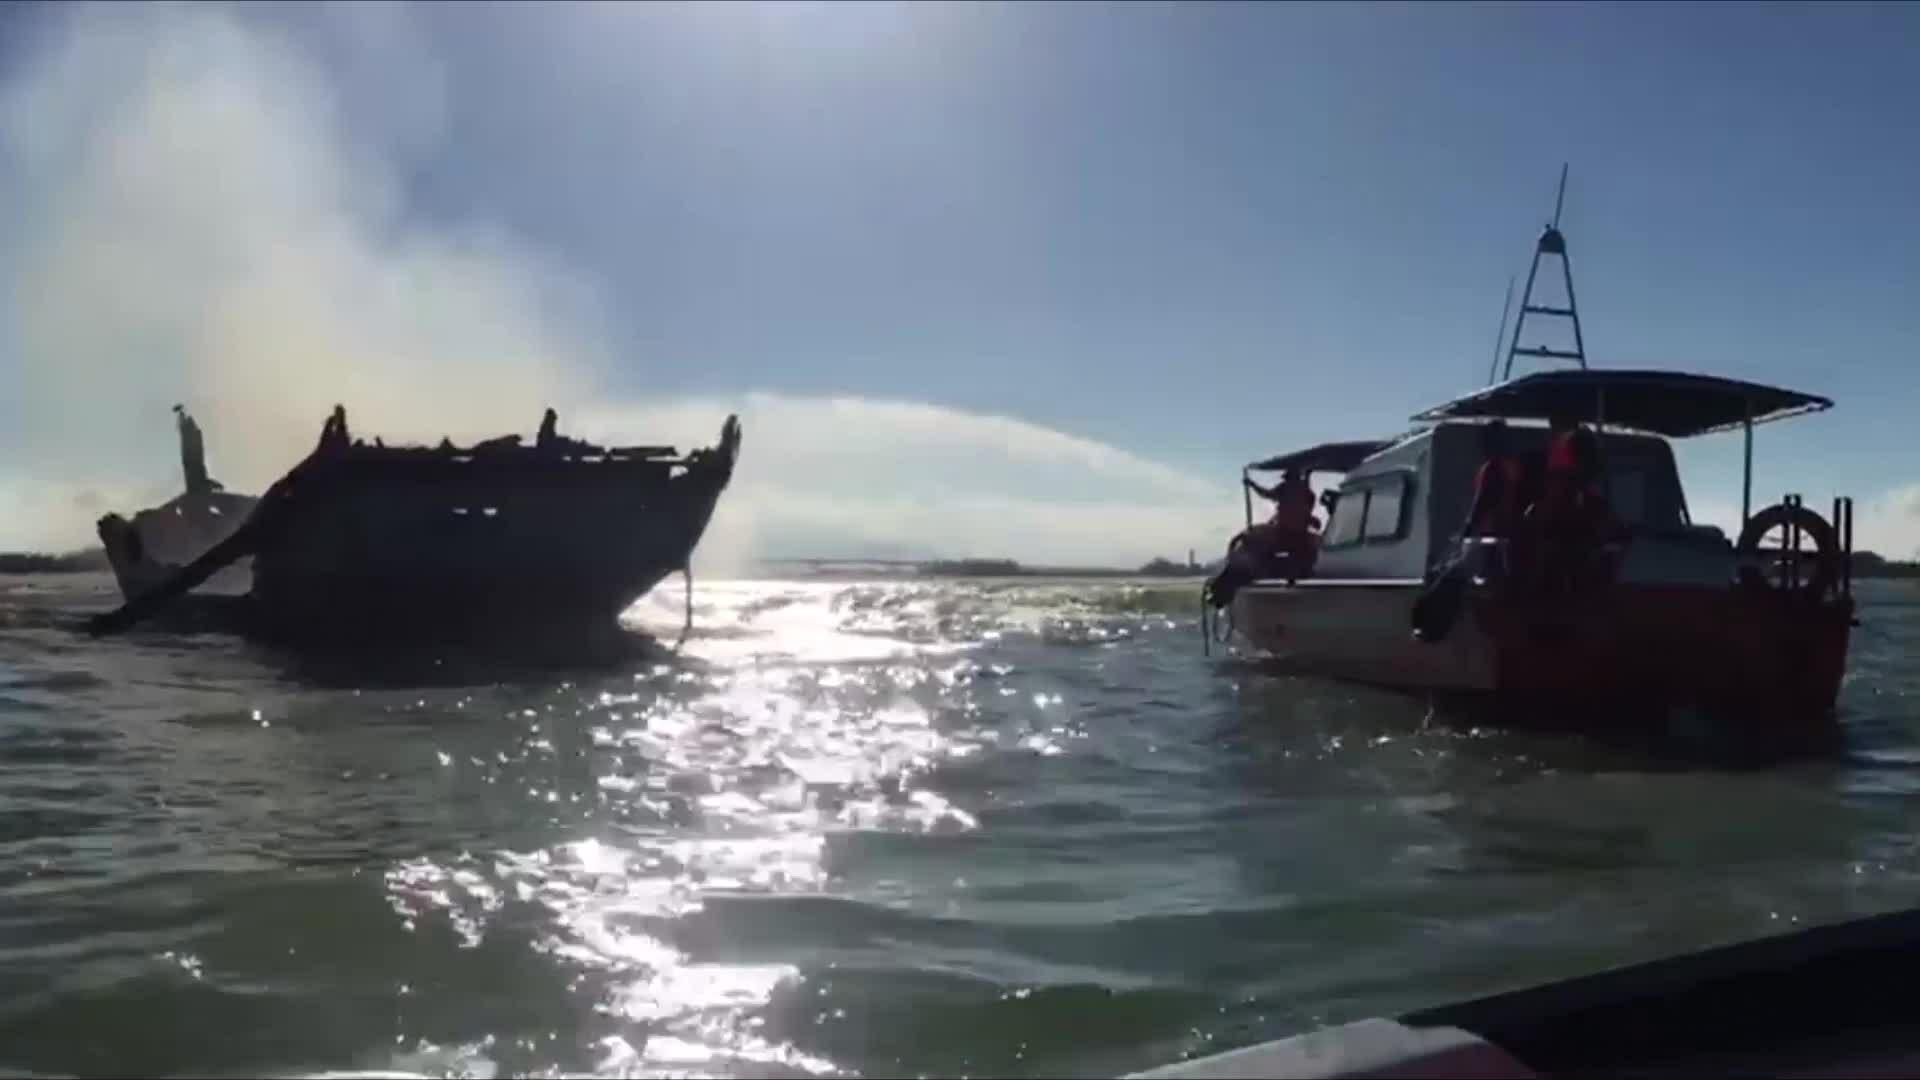 Tàu chở 18 người bốc cháy trên biển Cù Lao Chàm